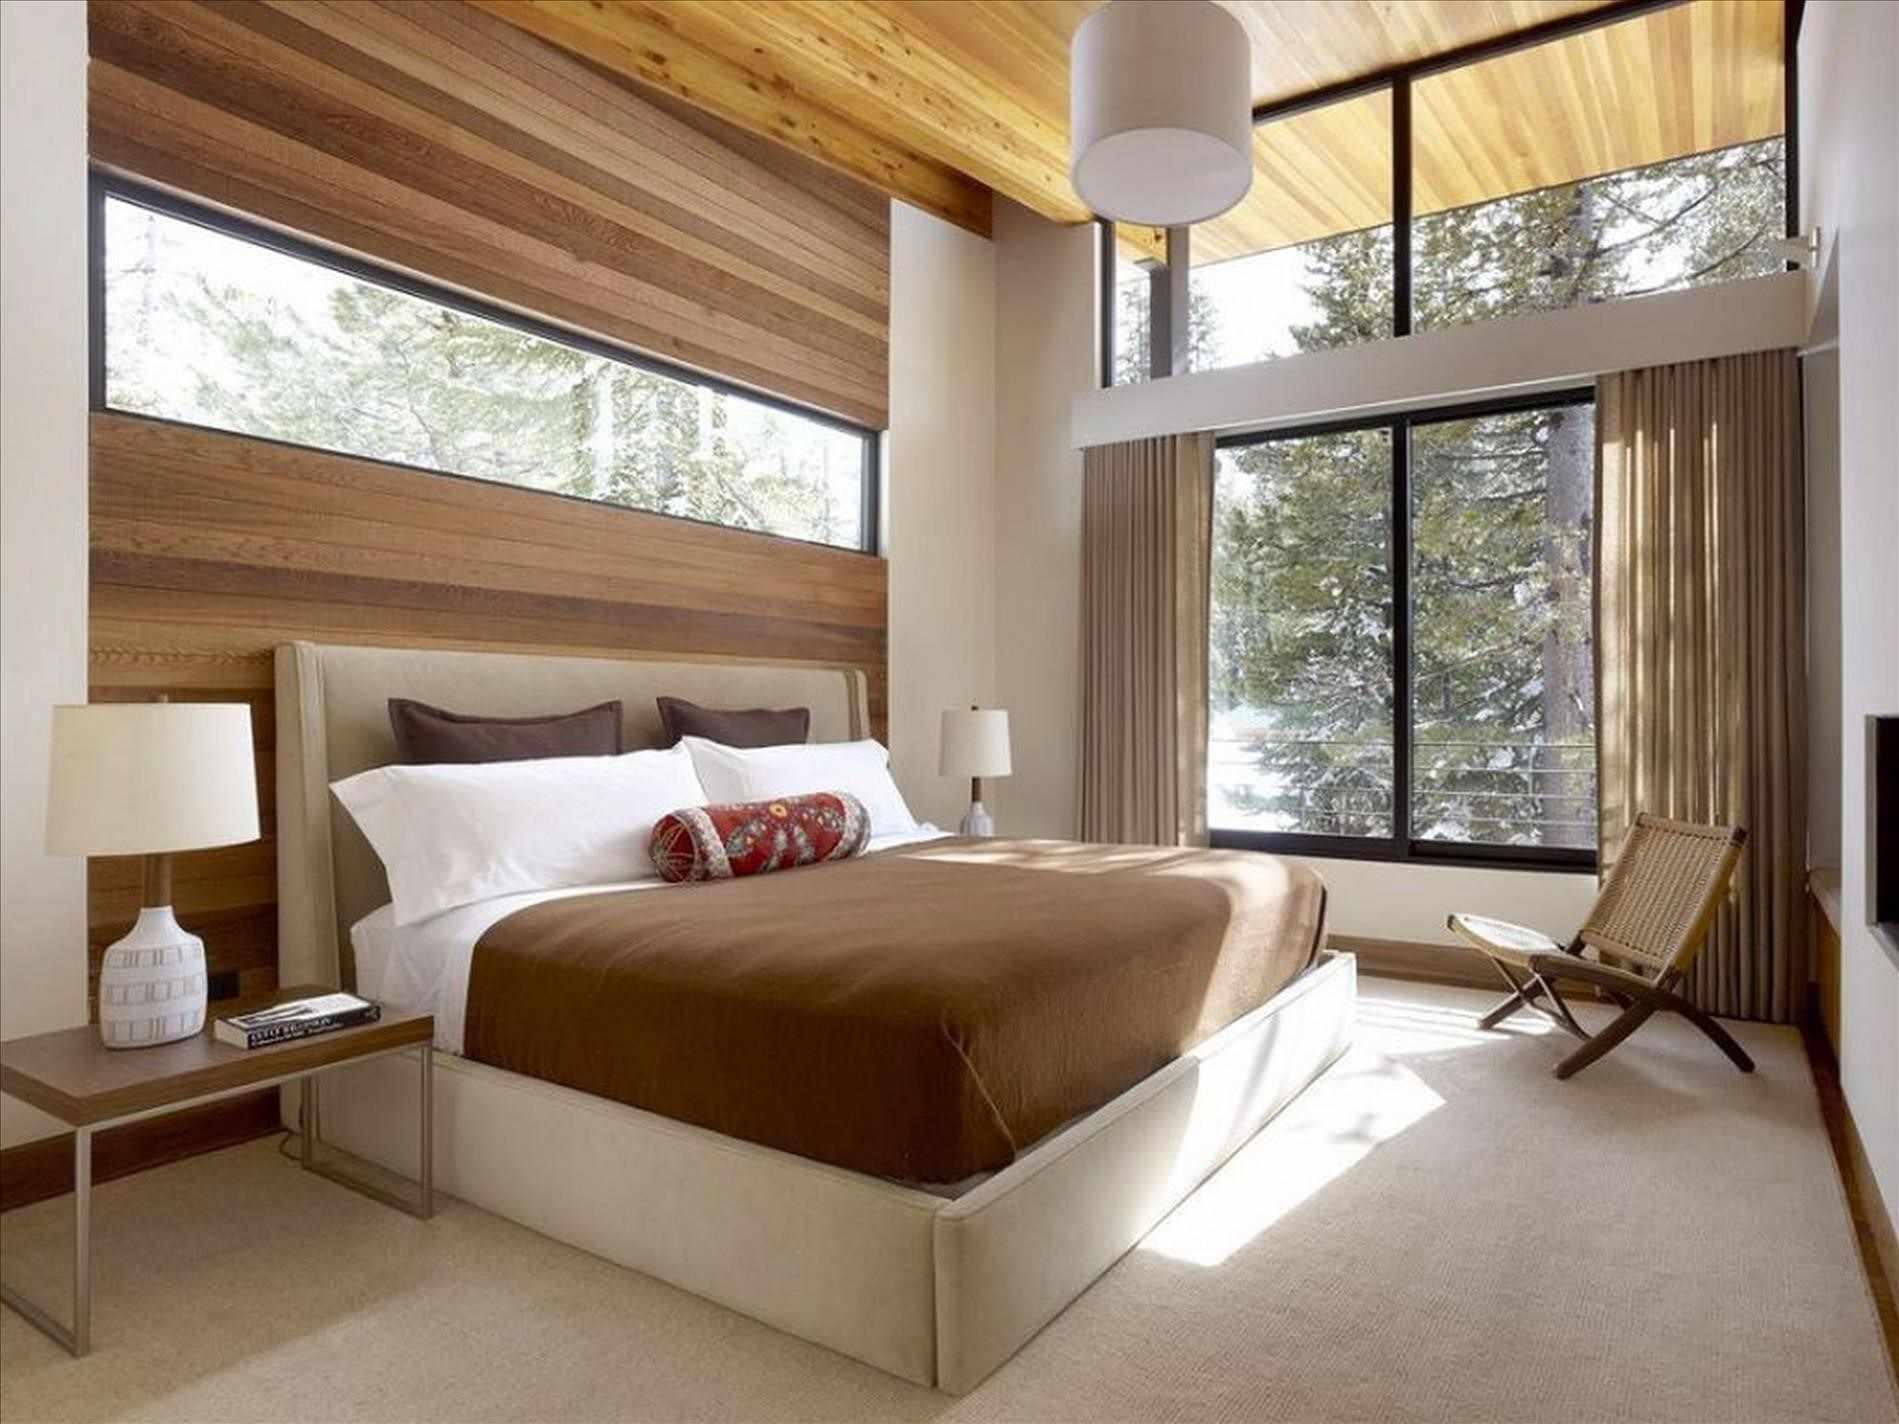 Кровать изголовьем к узкому окну